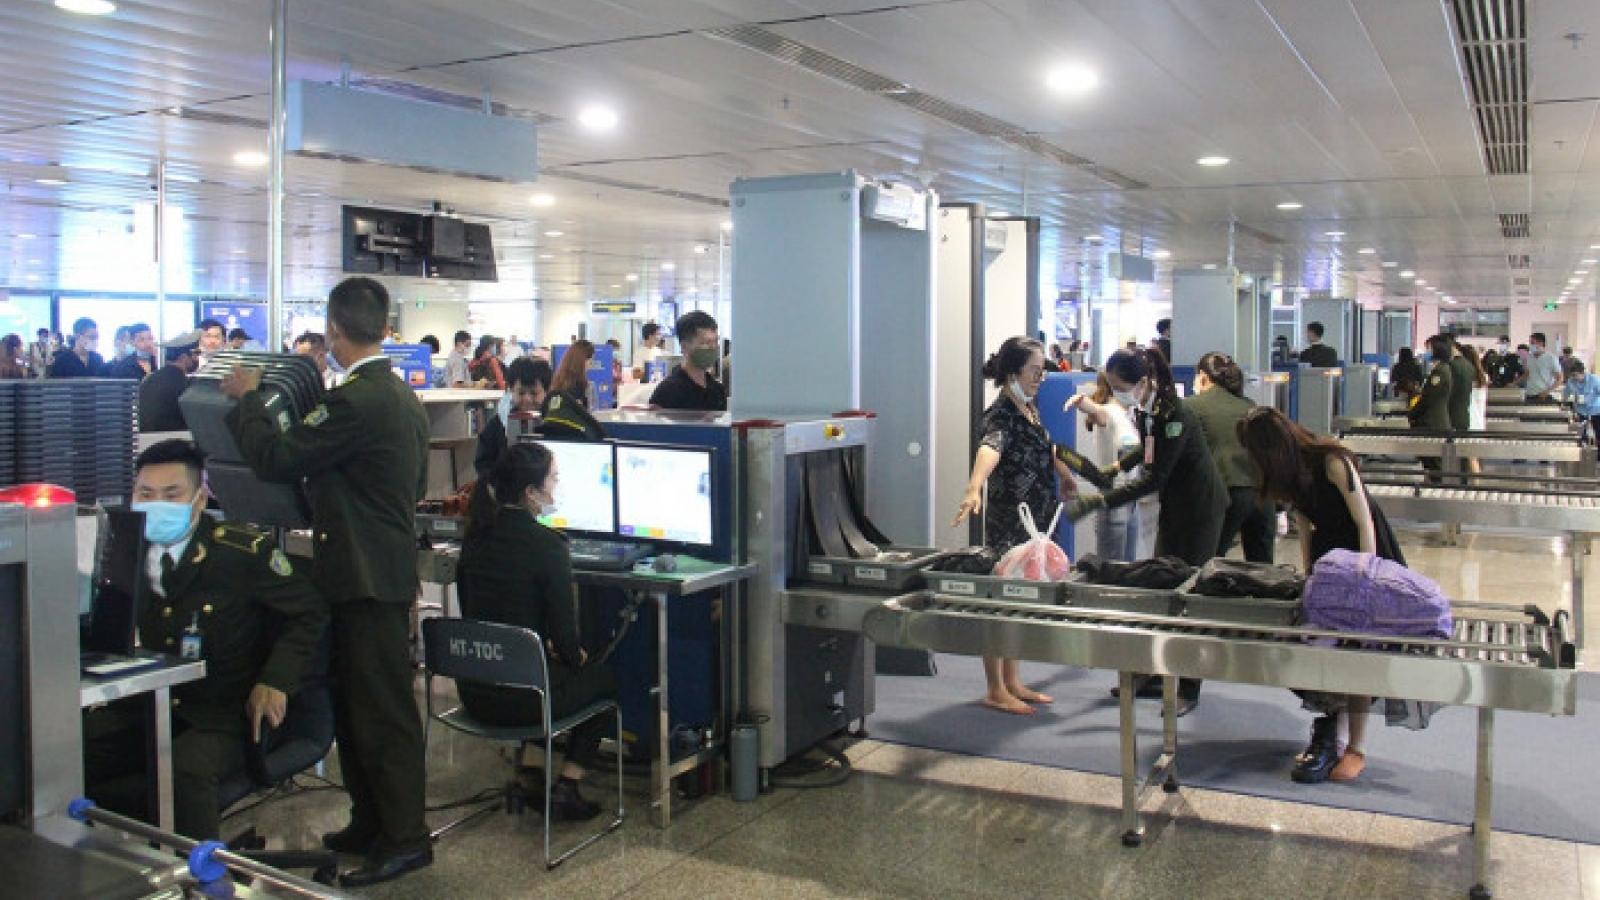 Nâng cấp độ an ninh, khách không có khẩu trang không được vào sân bay